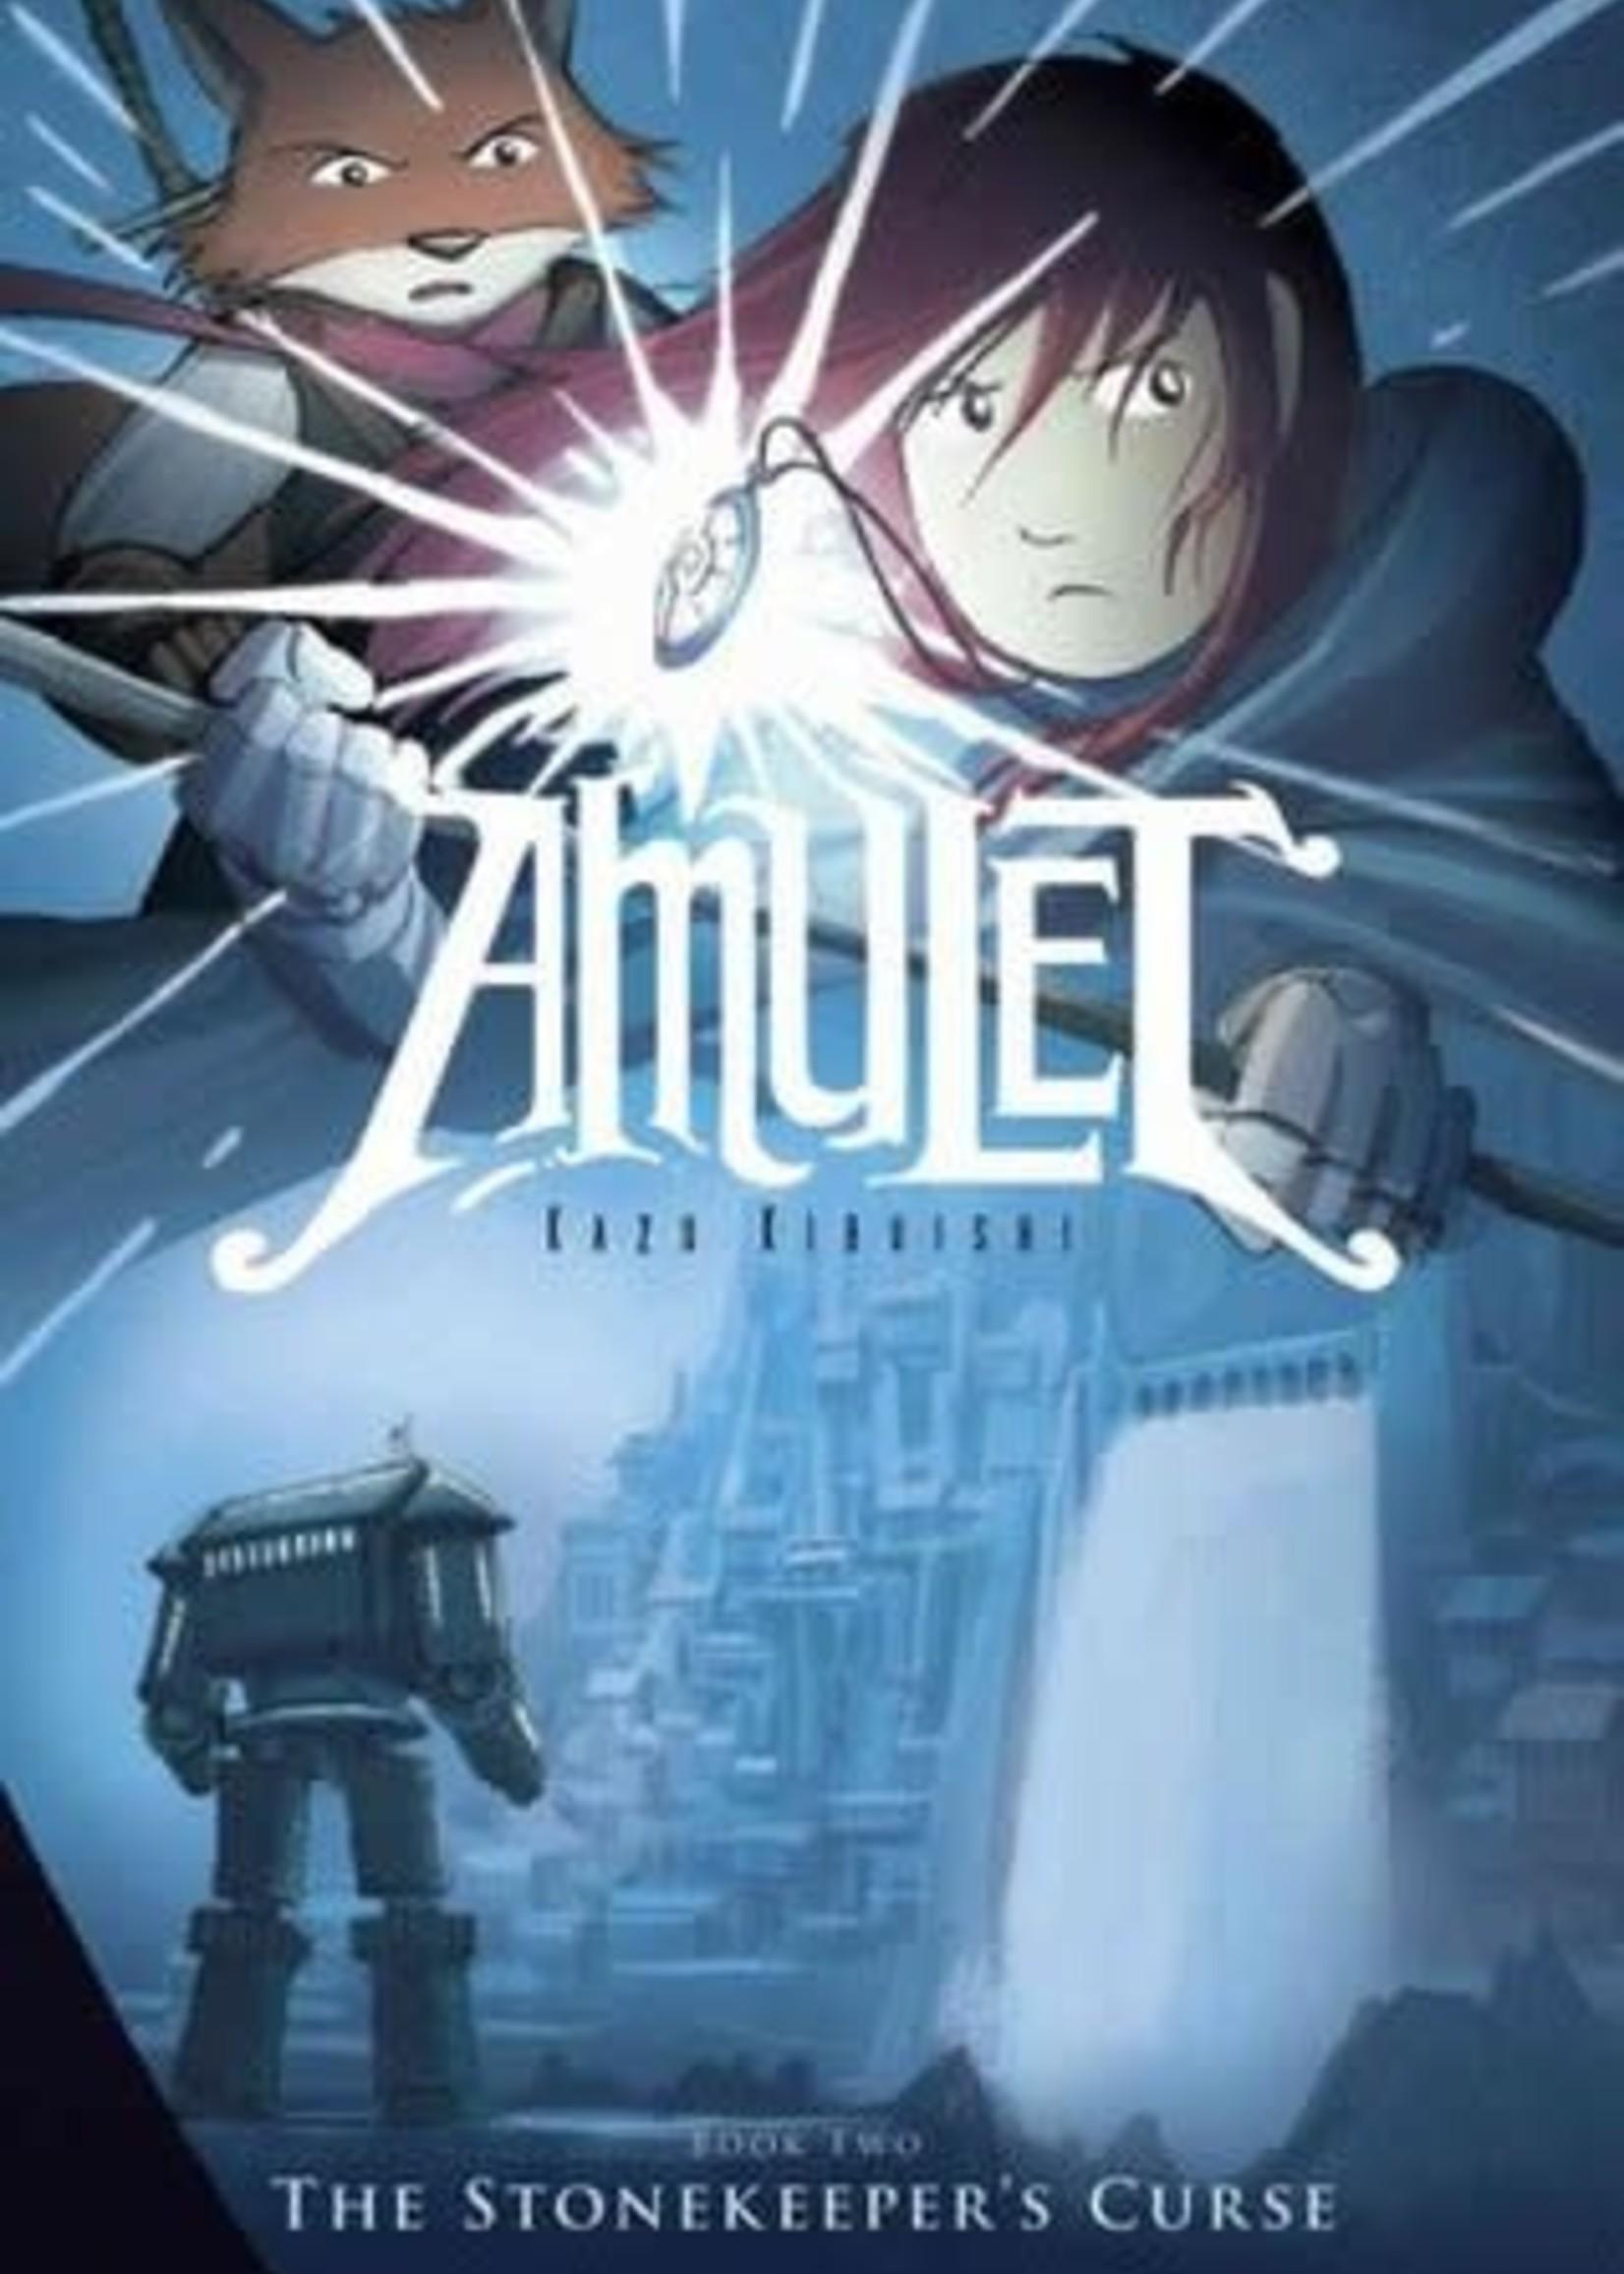 The Stonekeeper's Curse (Amulet #2) by Kazu Kibuishi